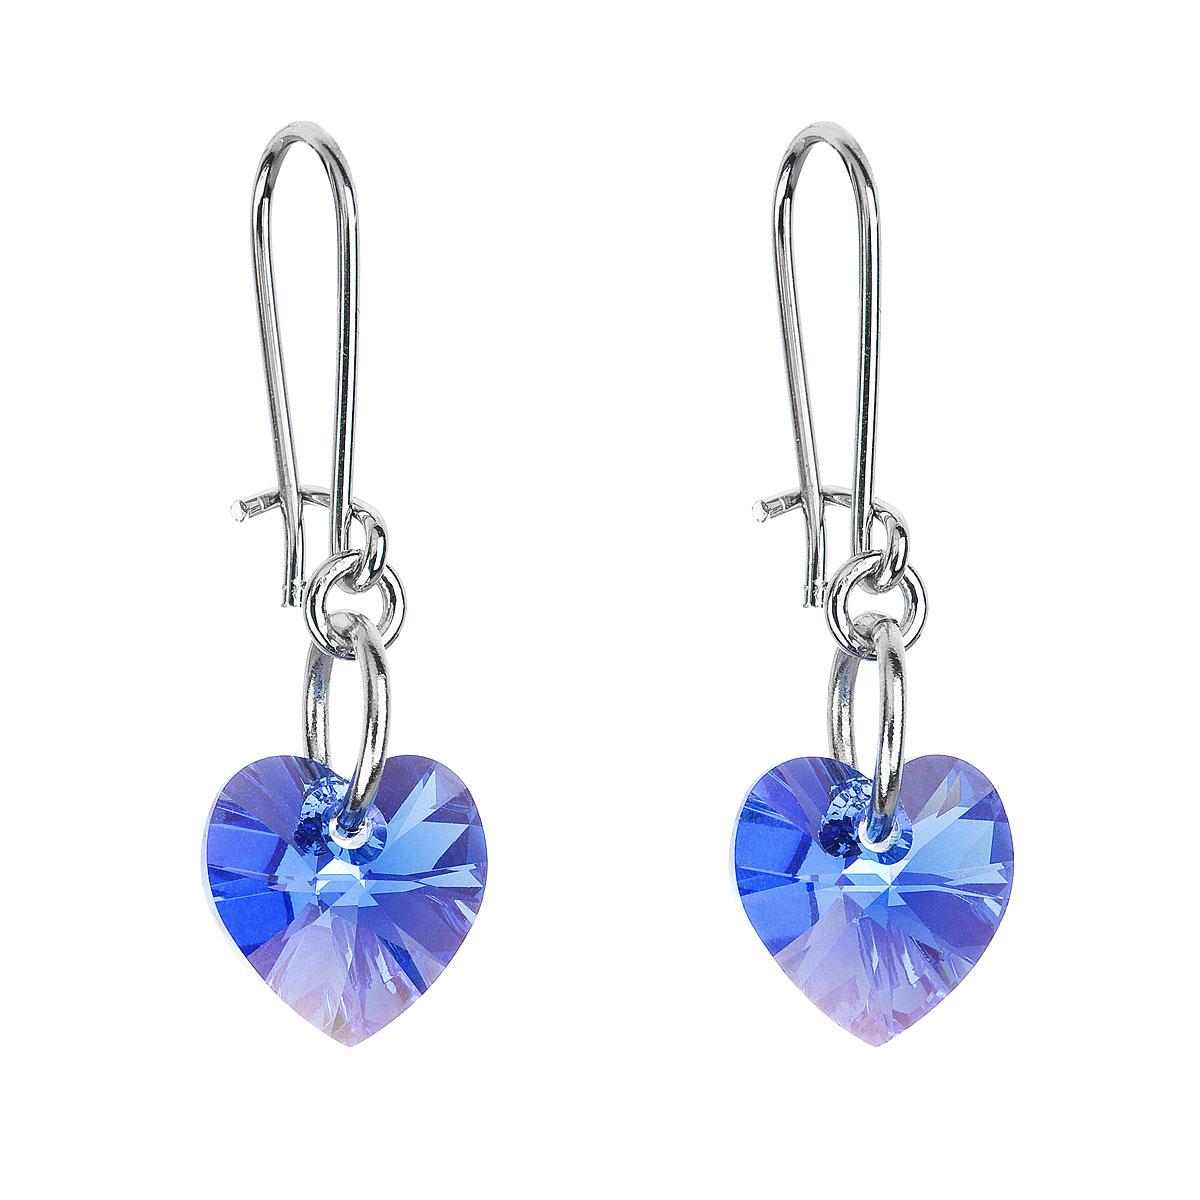 Náušnice se Swarovski krystaly modrá srdce 56006.3 sapphire